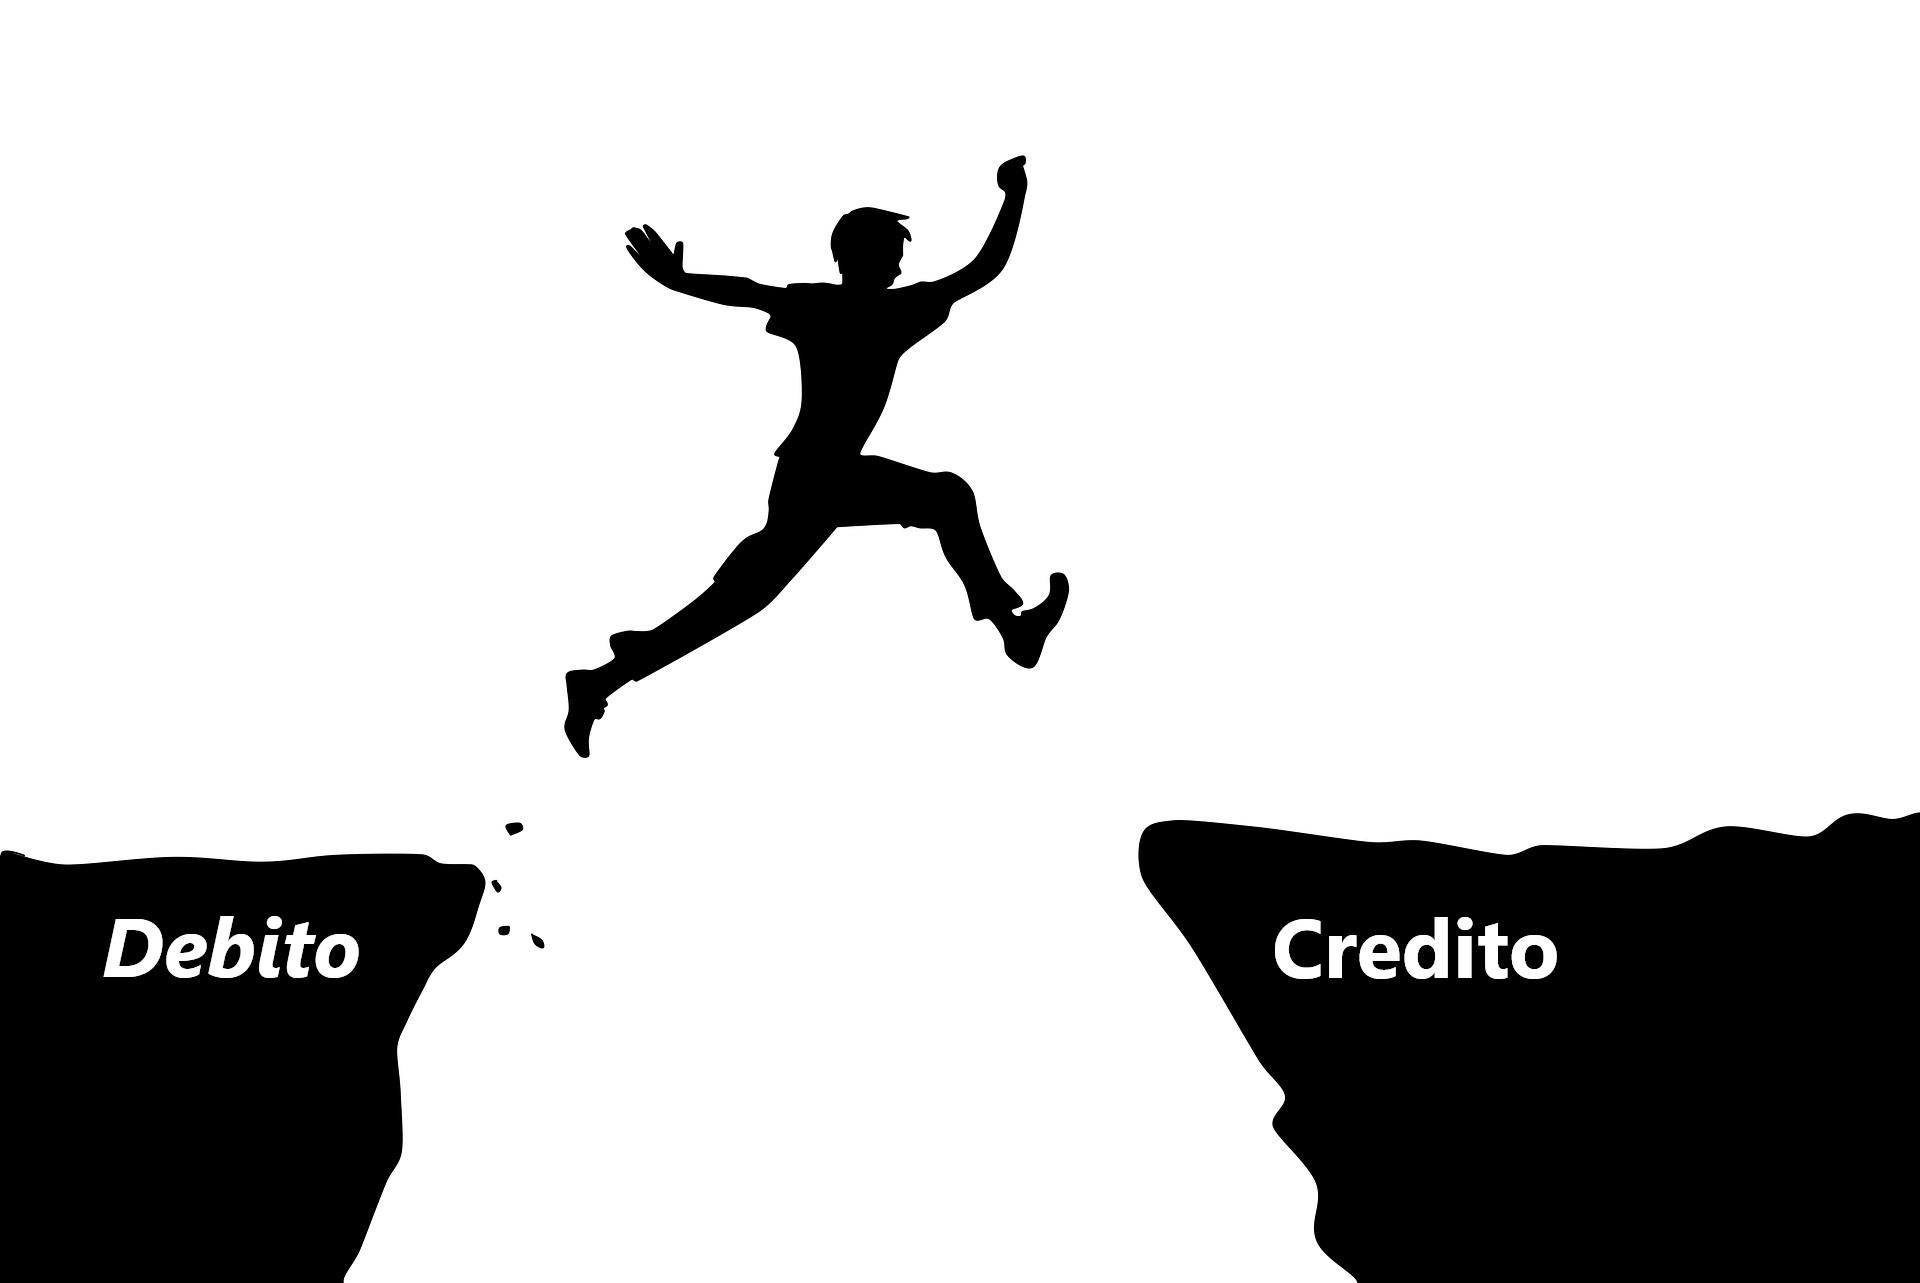 debito-credito